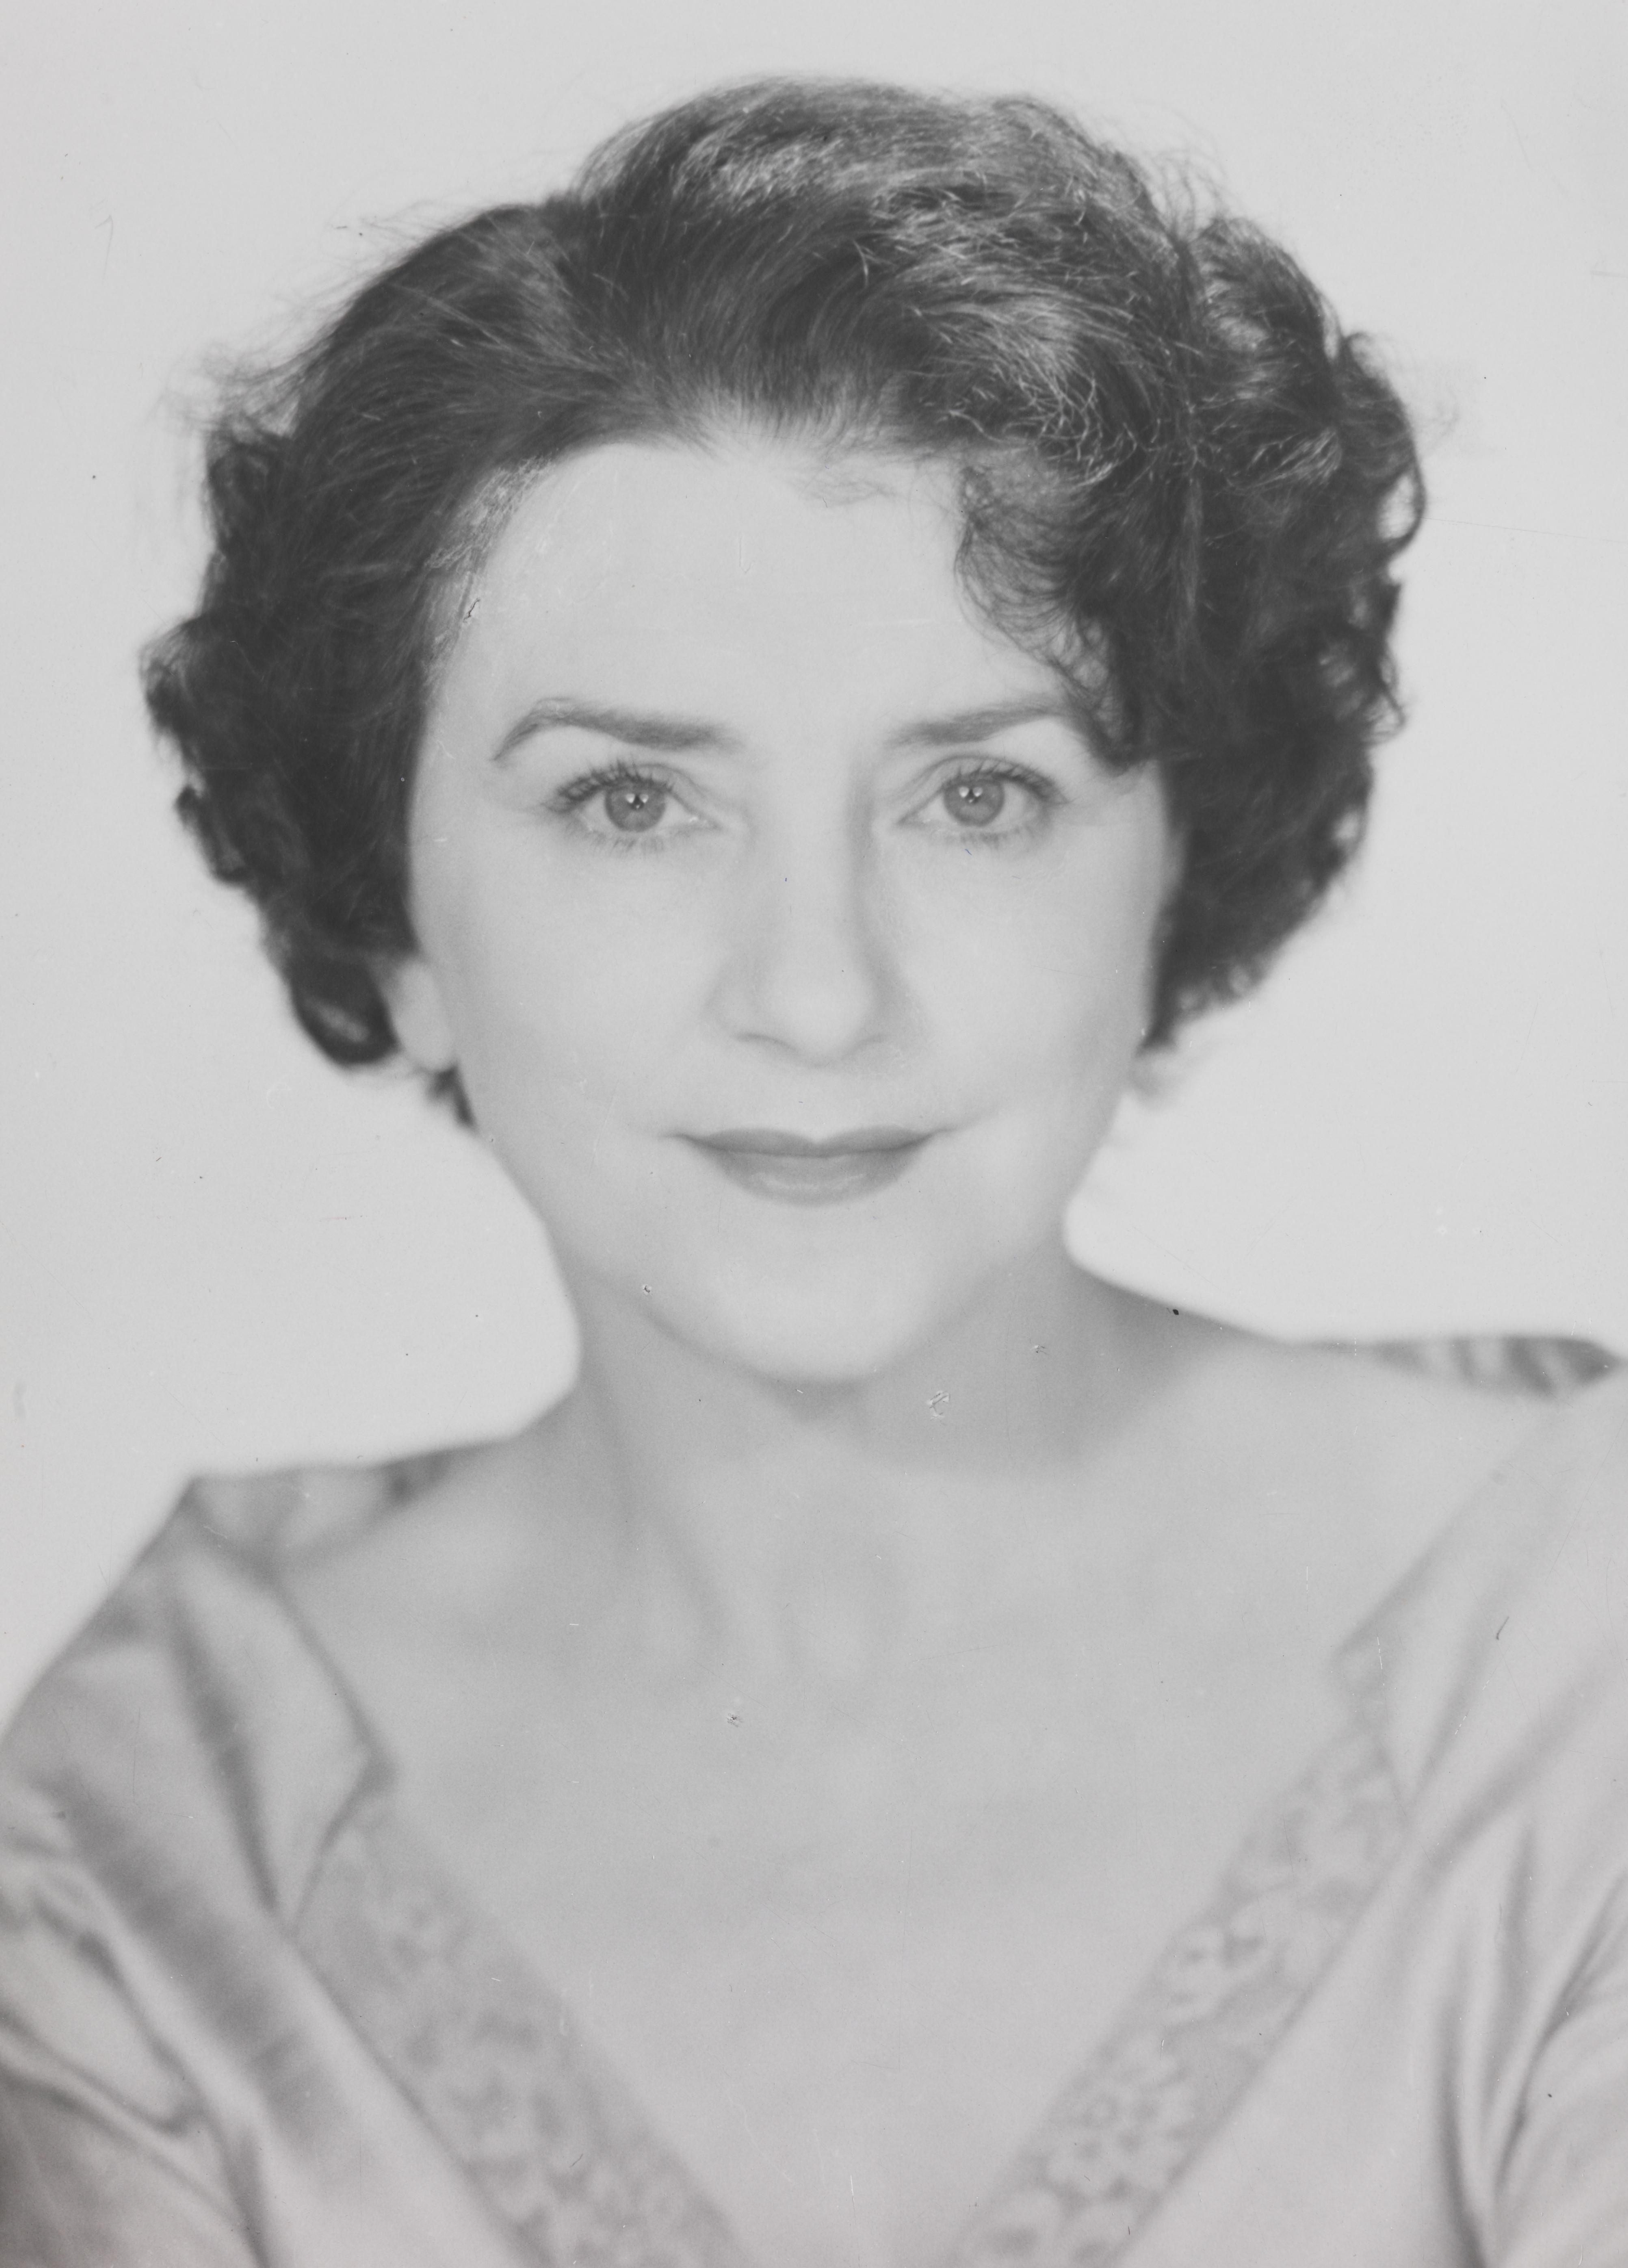 Lillebil Ibsen wikipedia